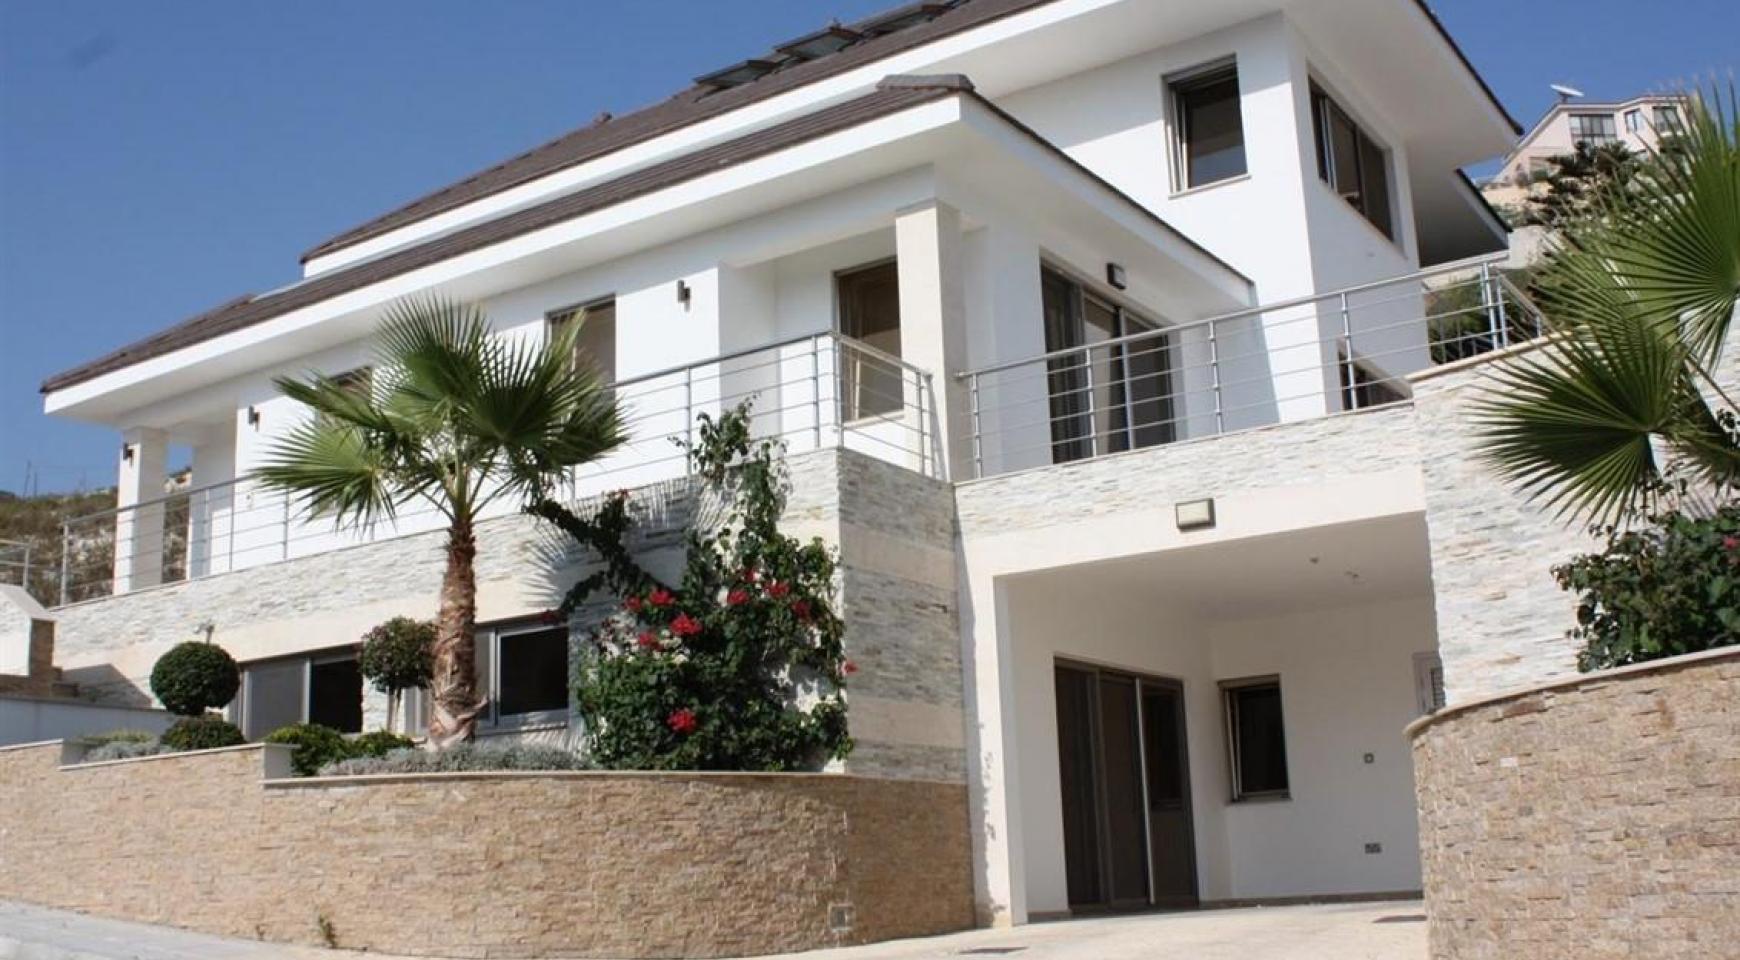 Новая Элитная 5-Спальная Вилла с Изумительными Видами в Районе  Agios Tychonas - 2